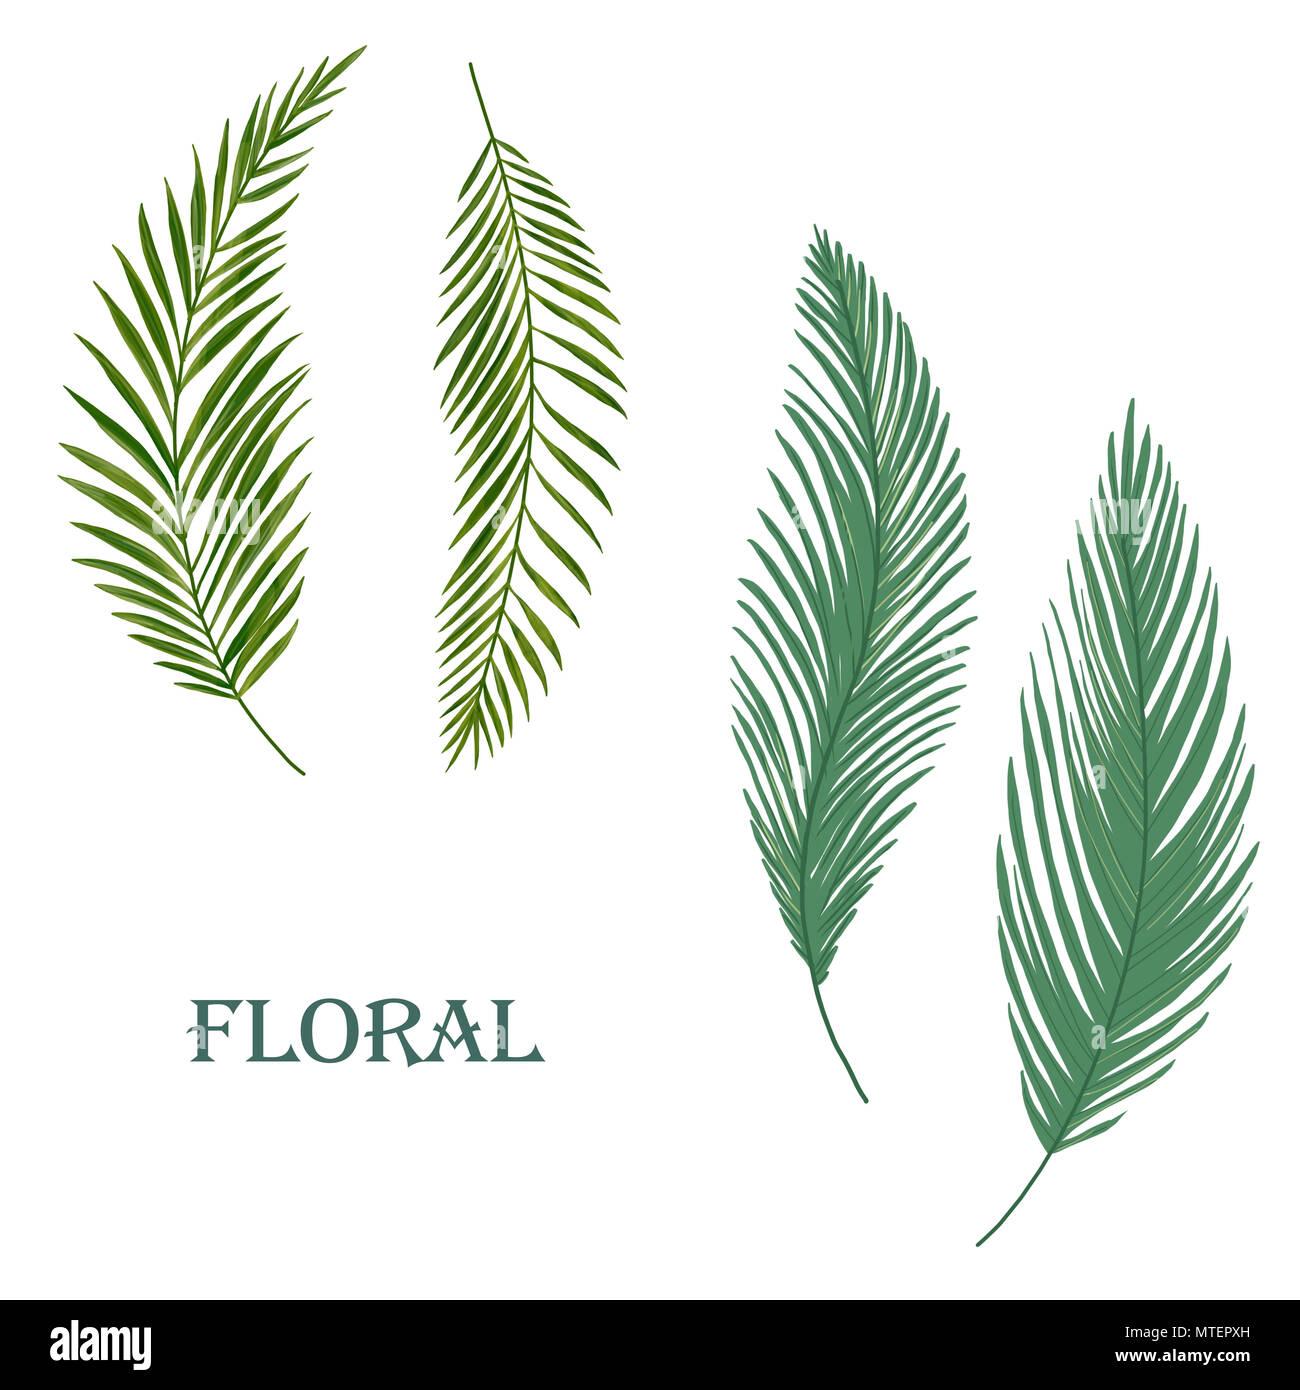 Tropical floral clip art digital leaf - Stock Image